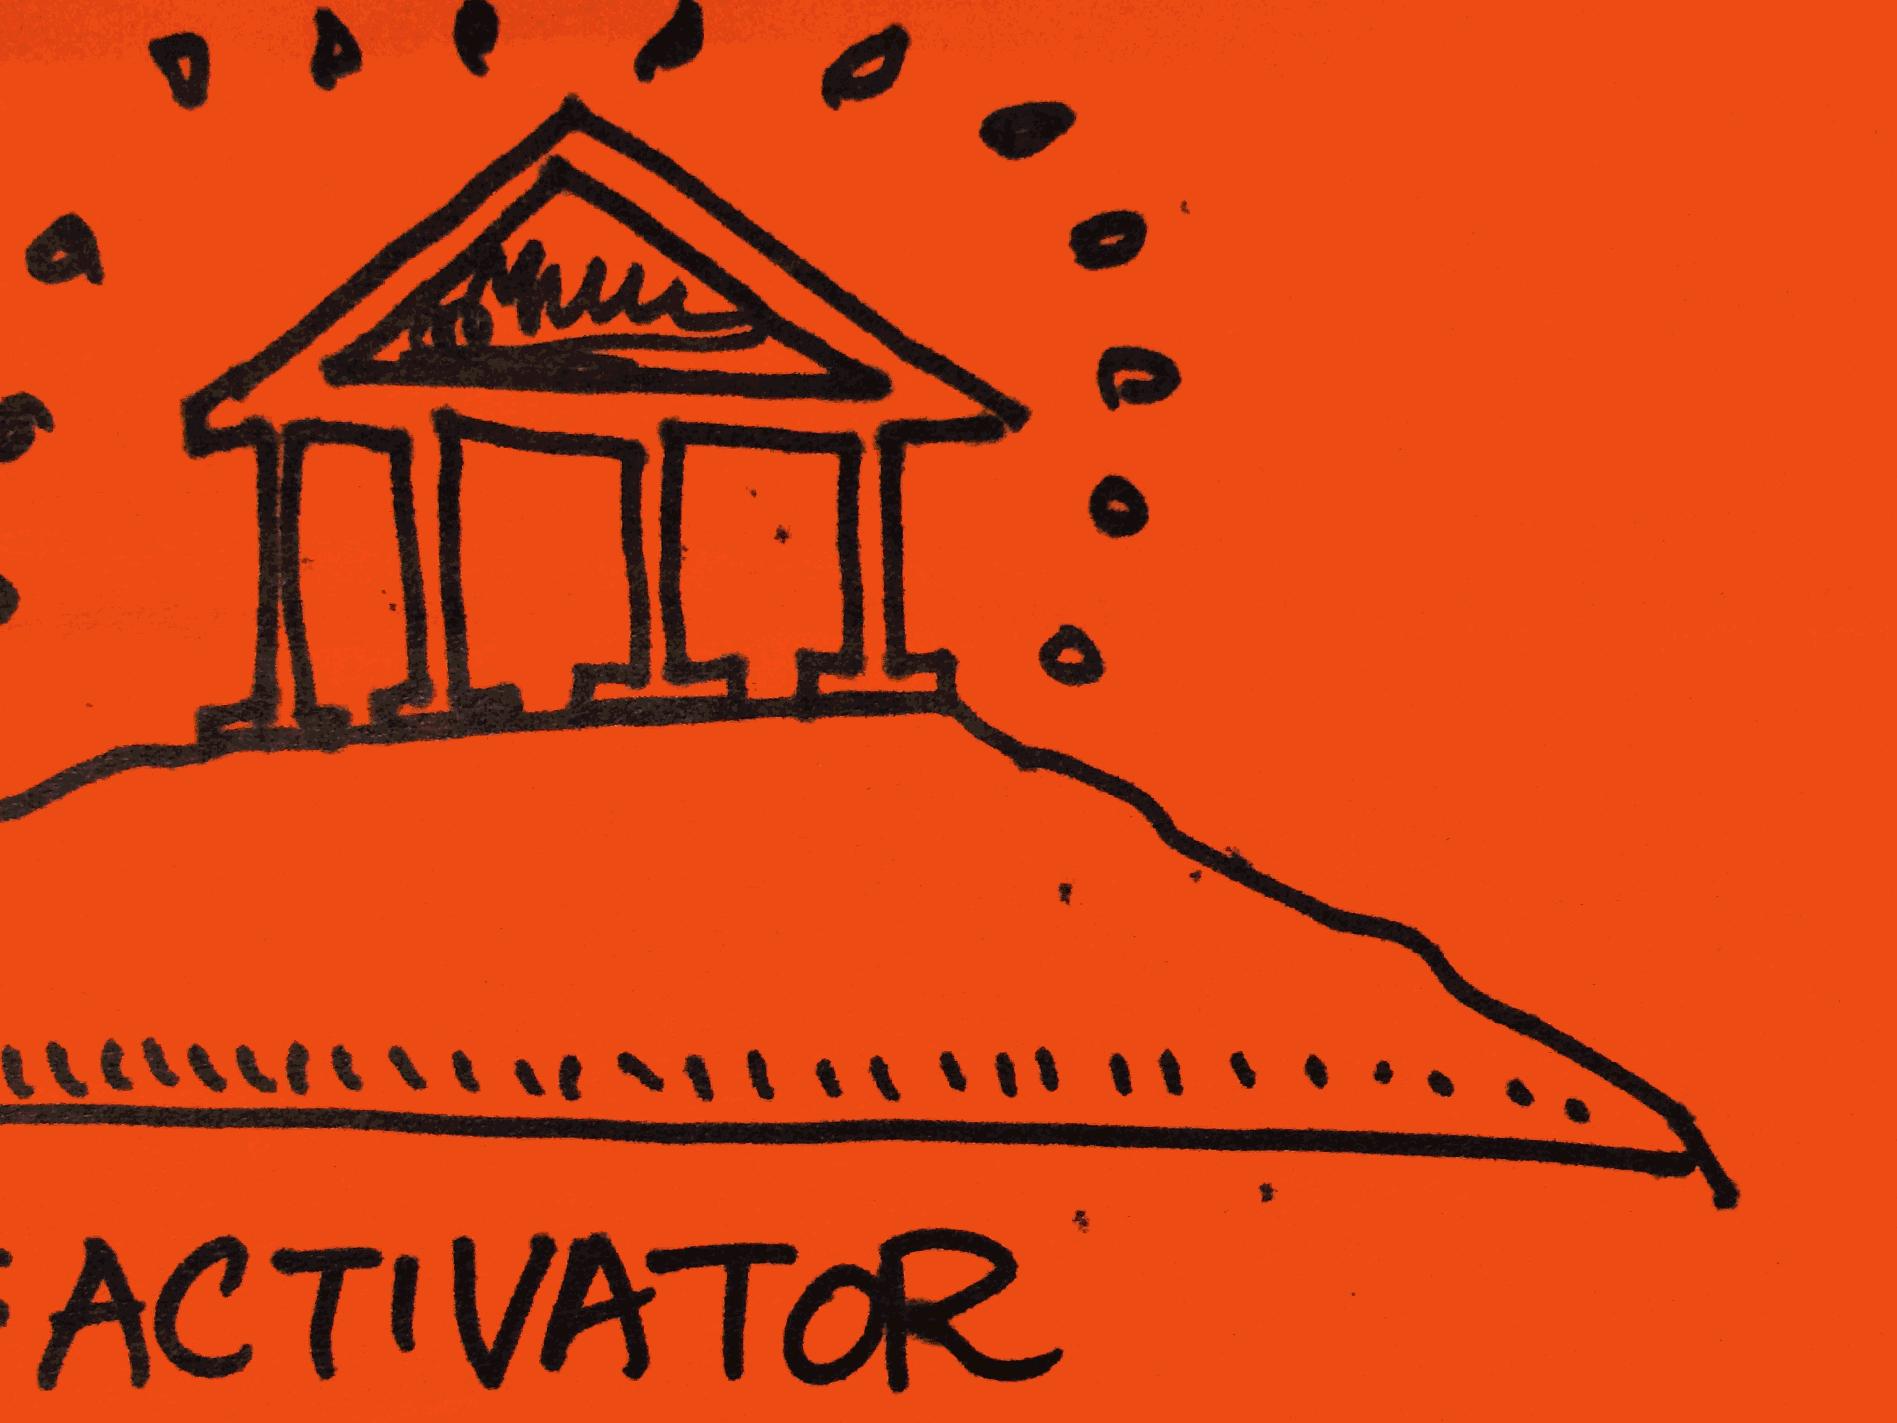 Activator Strengthsfinder Burning Hut